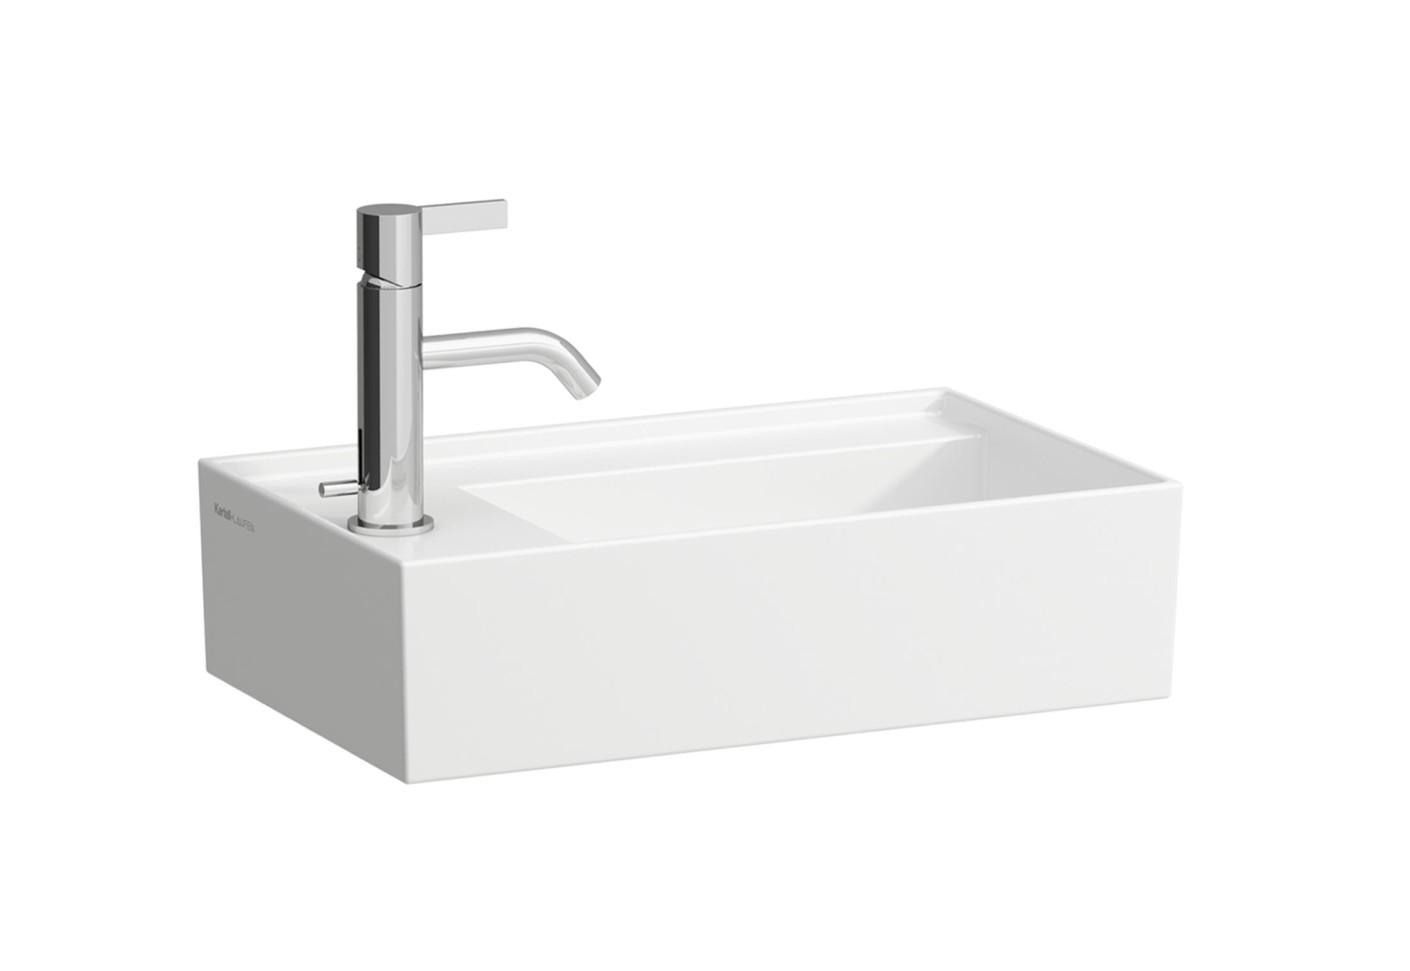 kartell by laufen handwaschbecken von laufen stylepark. Black Bedroom Furniture Sets. Home Design Ideas